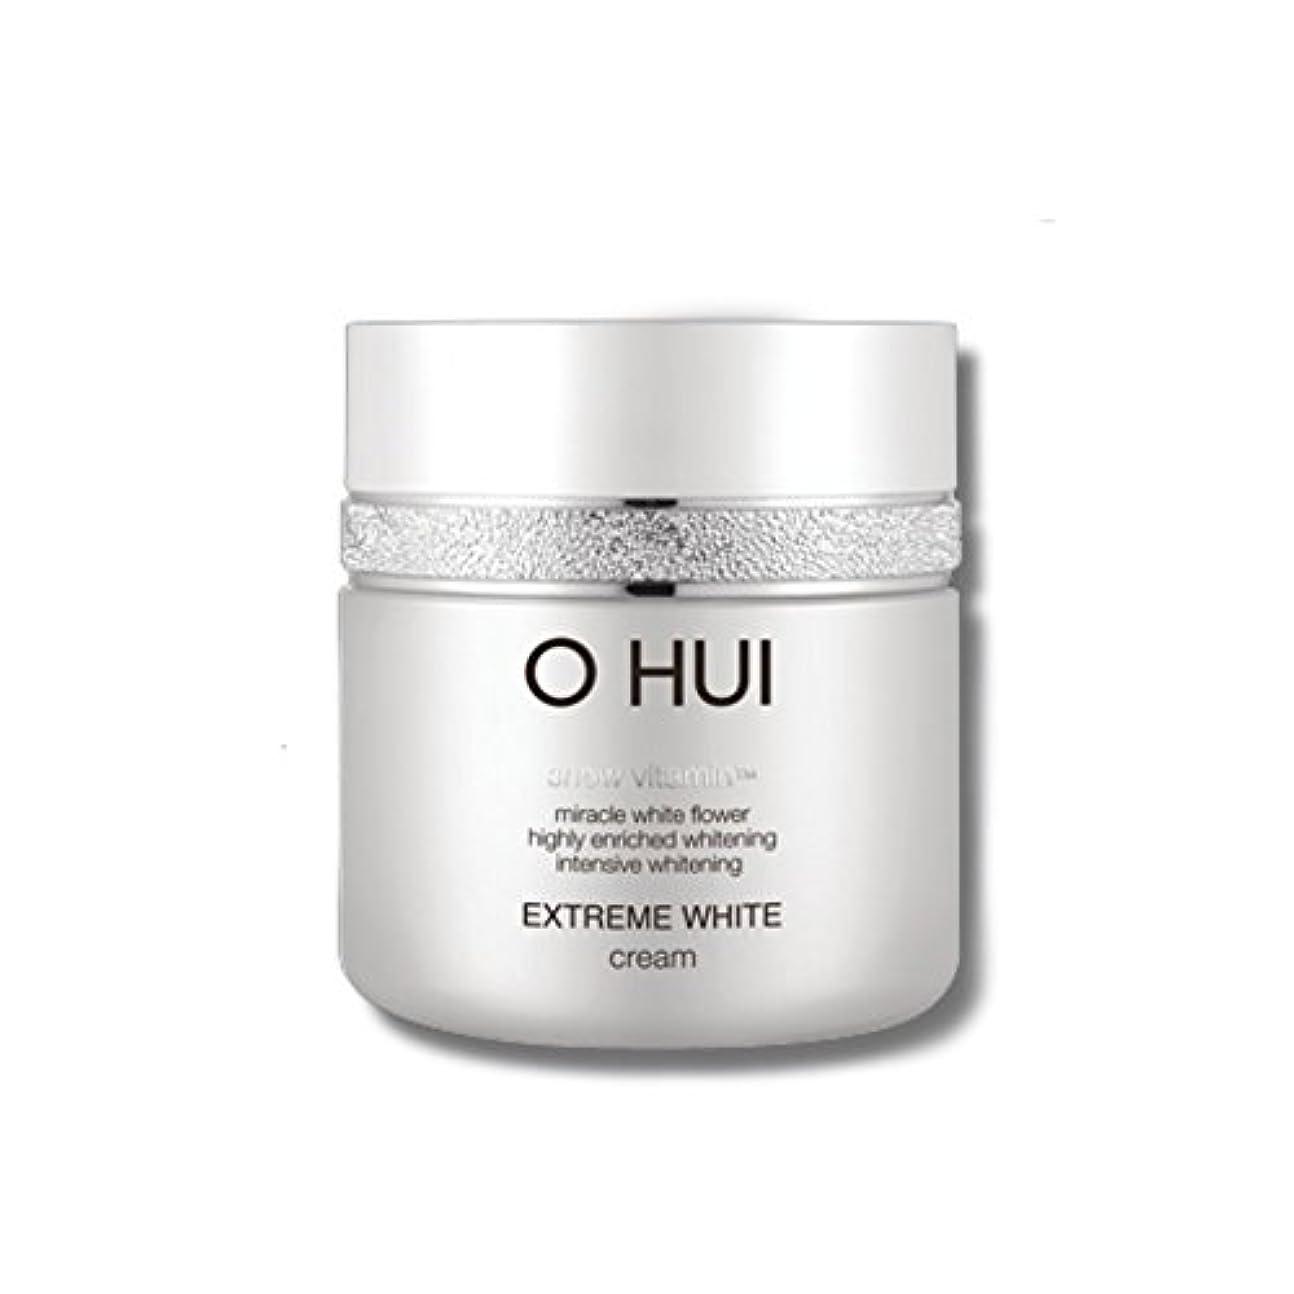 美容師ロイヤリティ次OHUI Extreme White Cream 50ml/オフィ エクストリーム ホワイト クリーム 50ml [並行輸入品]